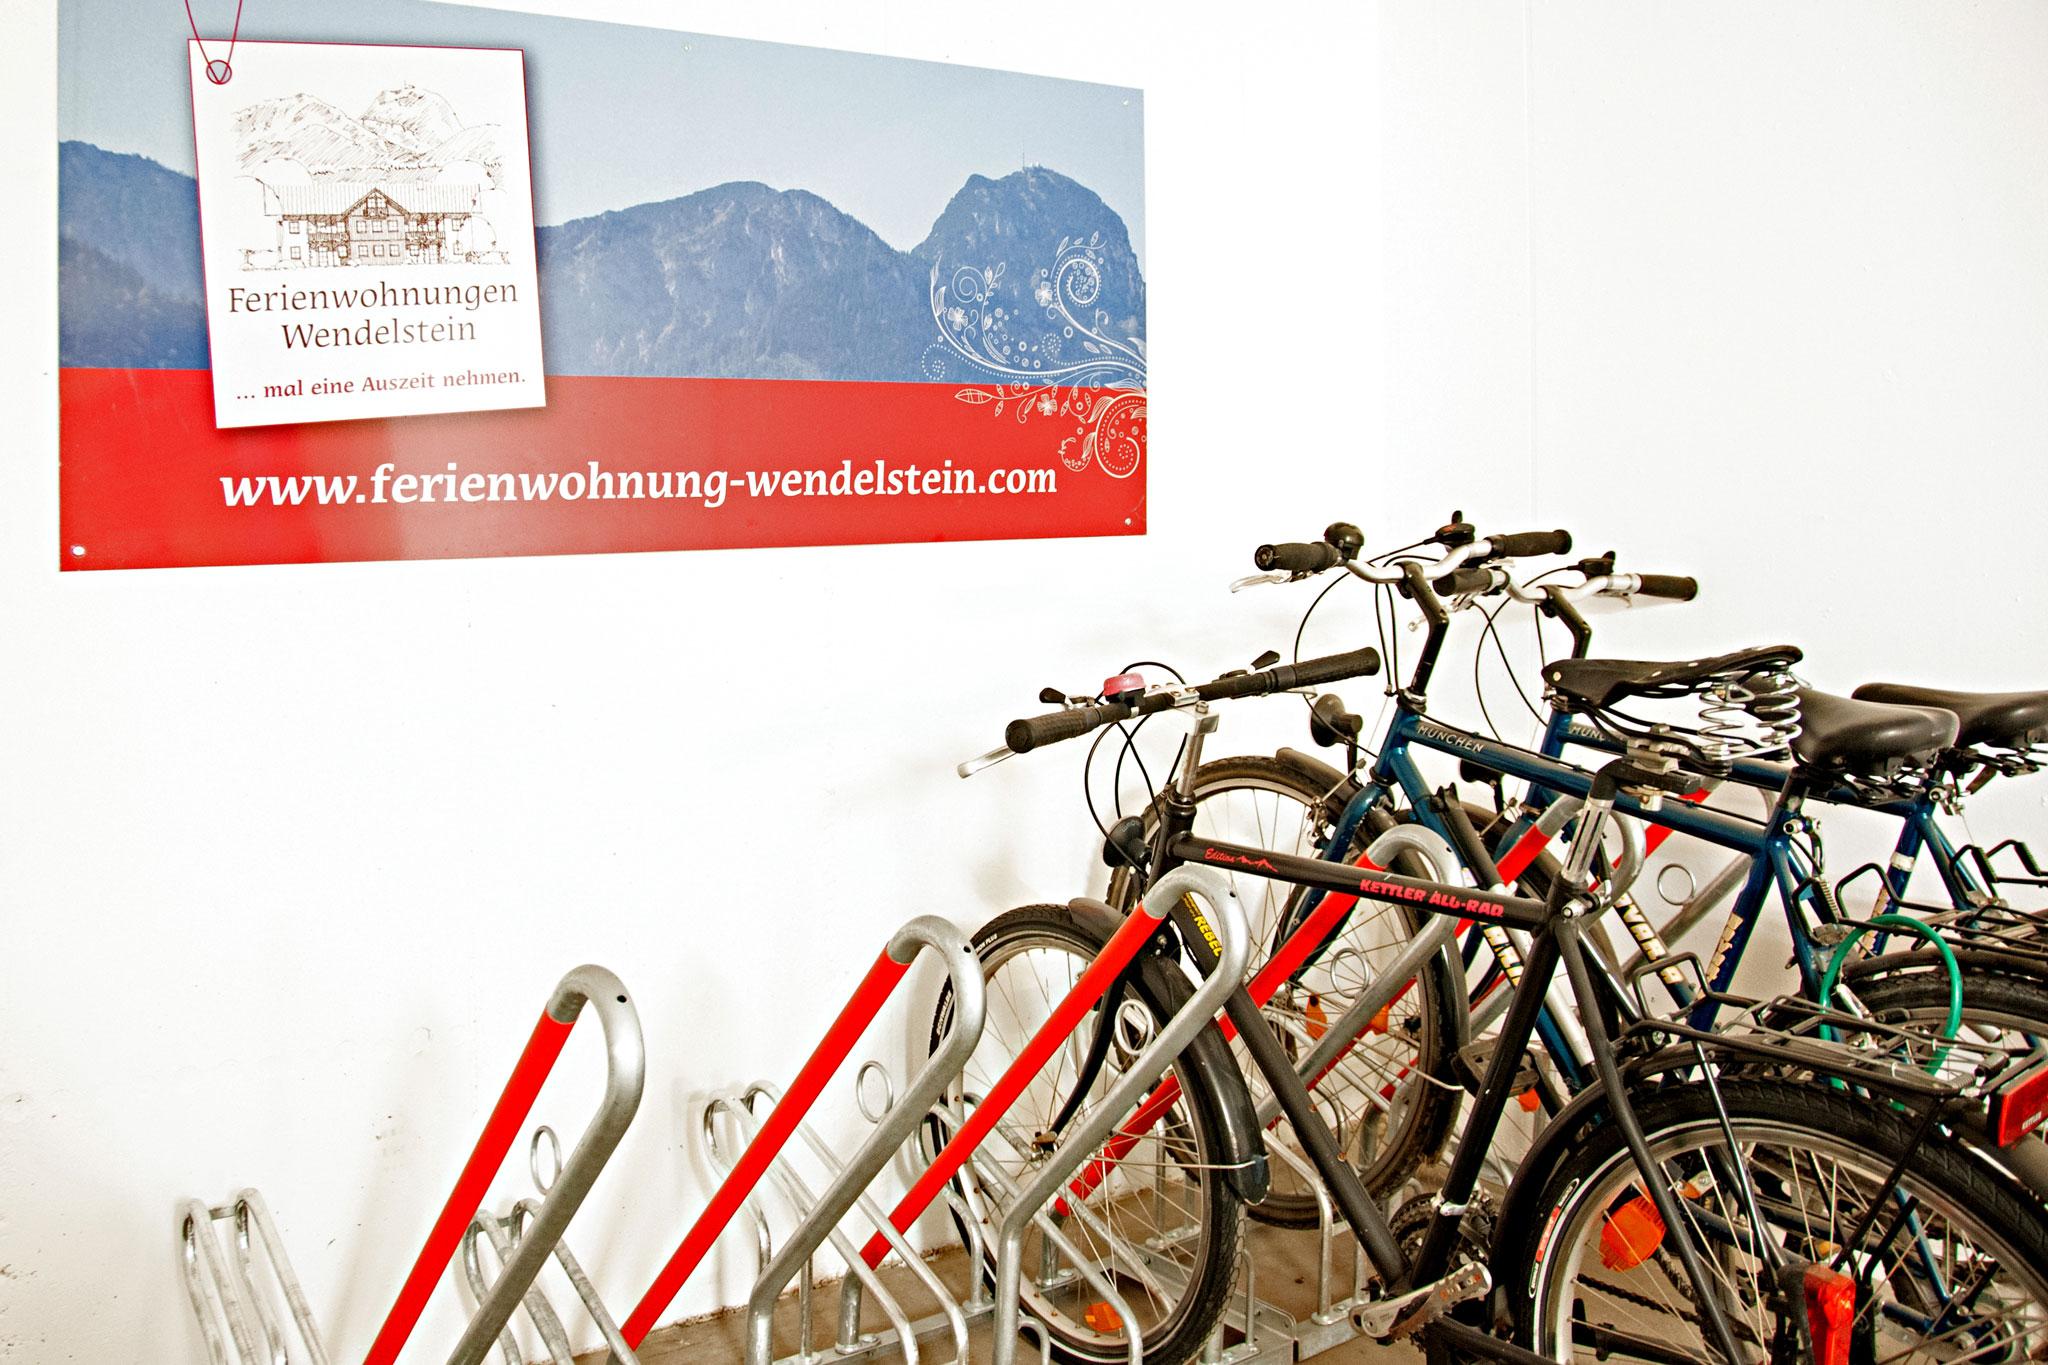 Fahrrad-Garage der Ferienwohnungen Wendelstein